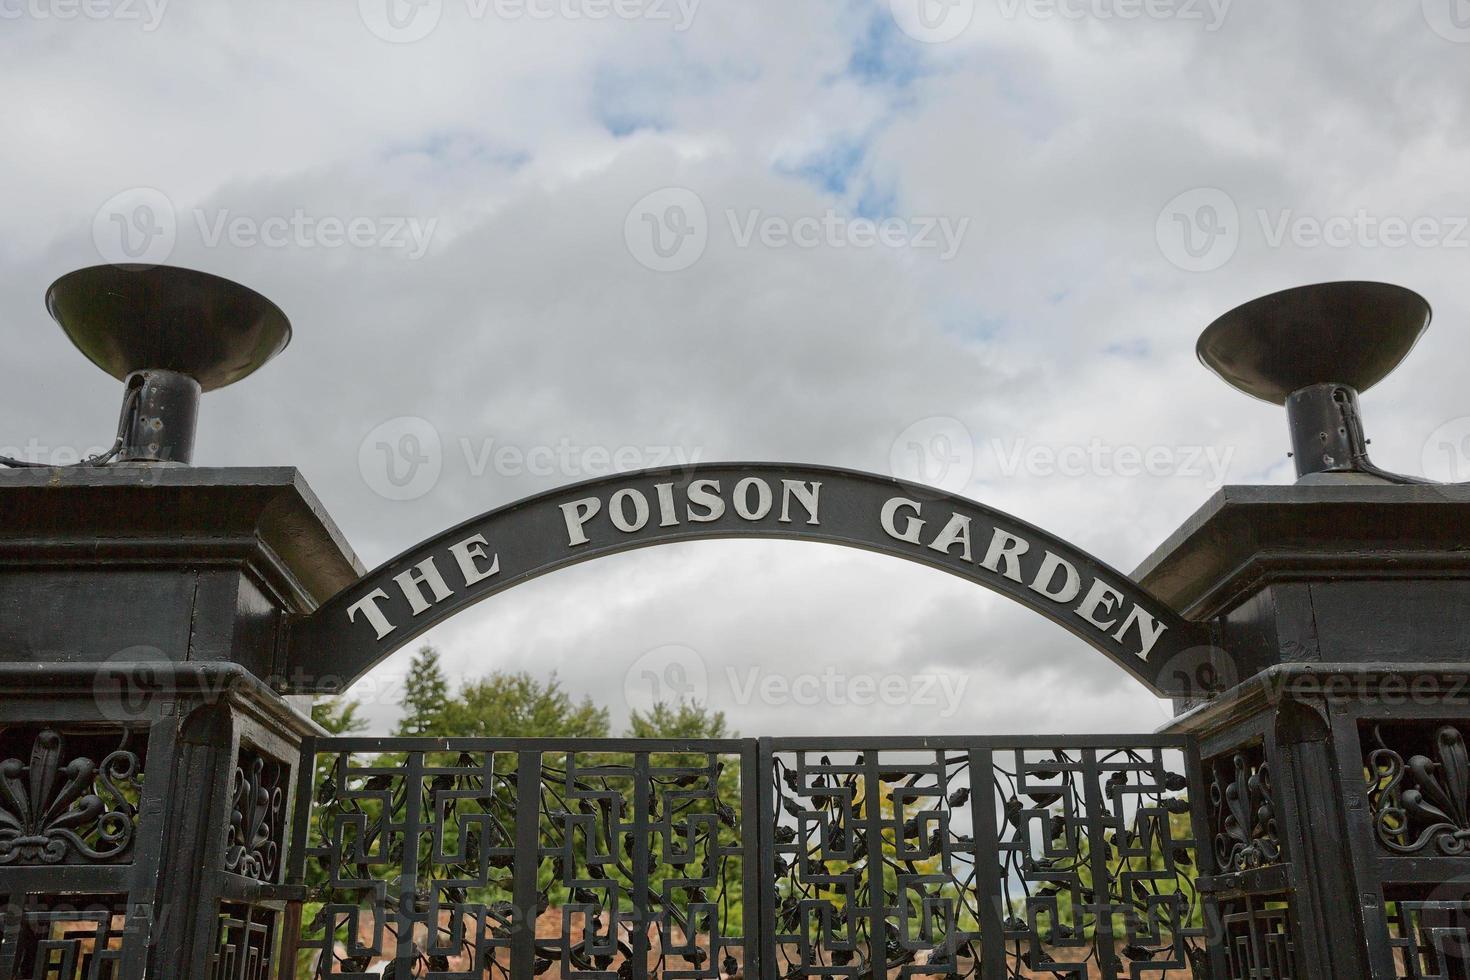 Alnwick Garden entrance into the poison garden at Alnwick Castle, UK photo